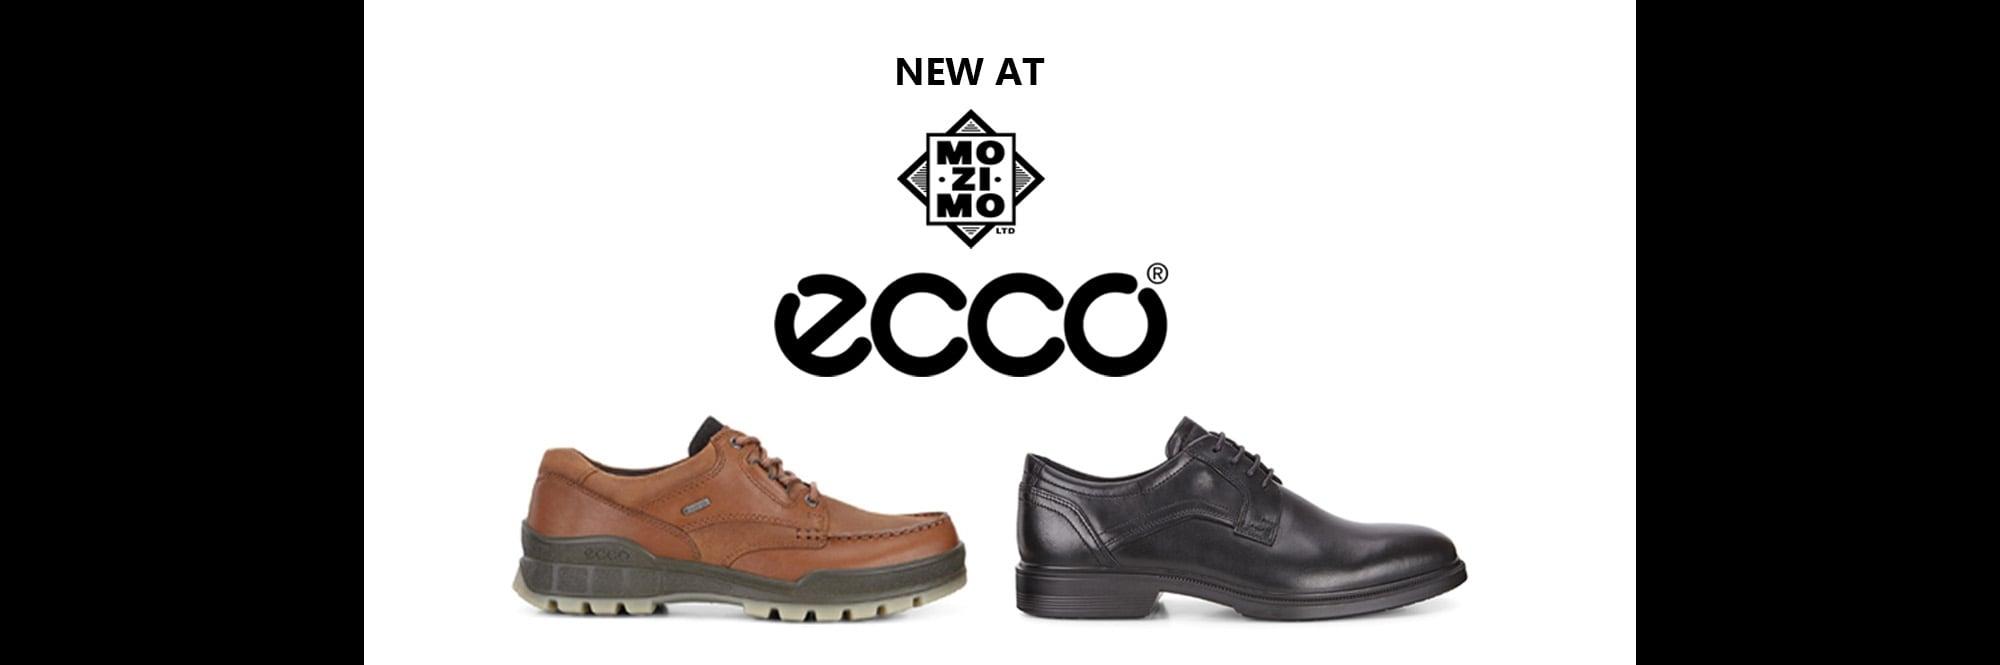 New Mens ECCO Shoes